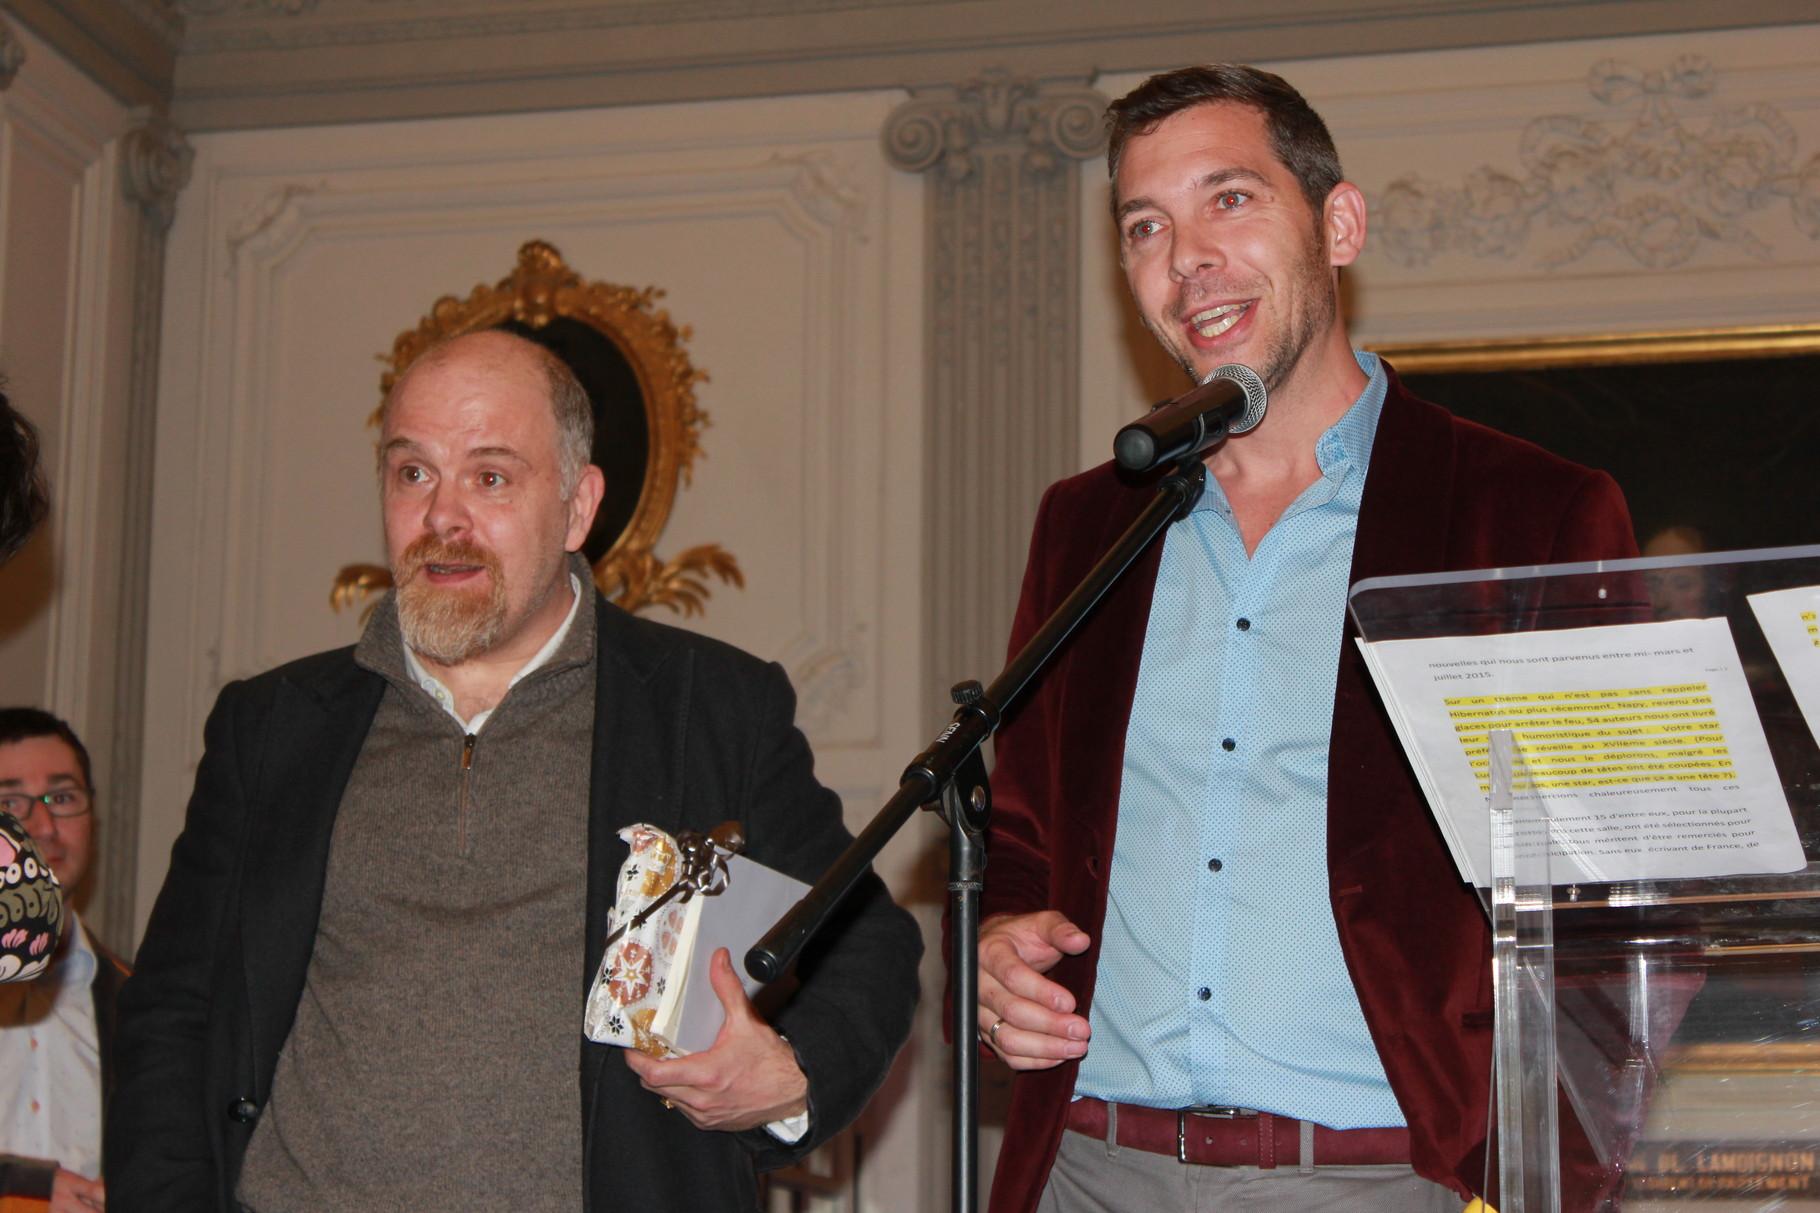 Il est accompagné d'Olivier Maulin, écrivain